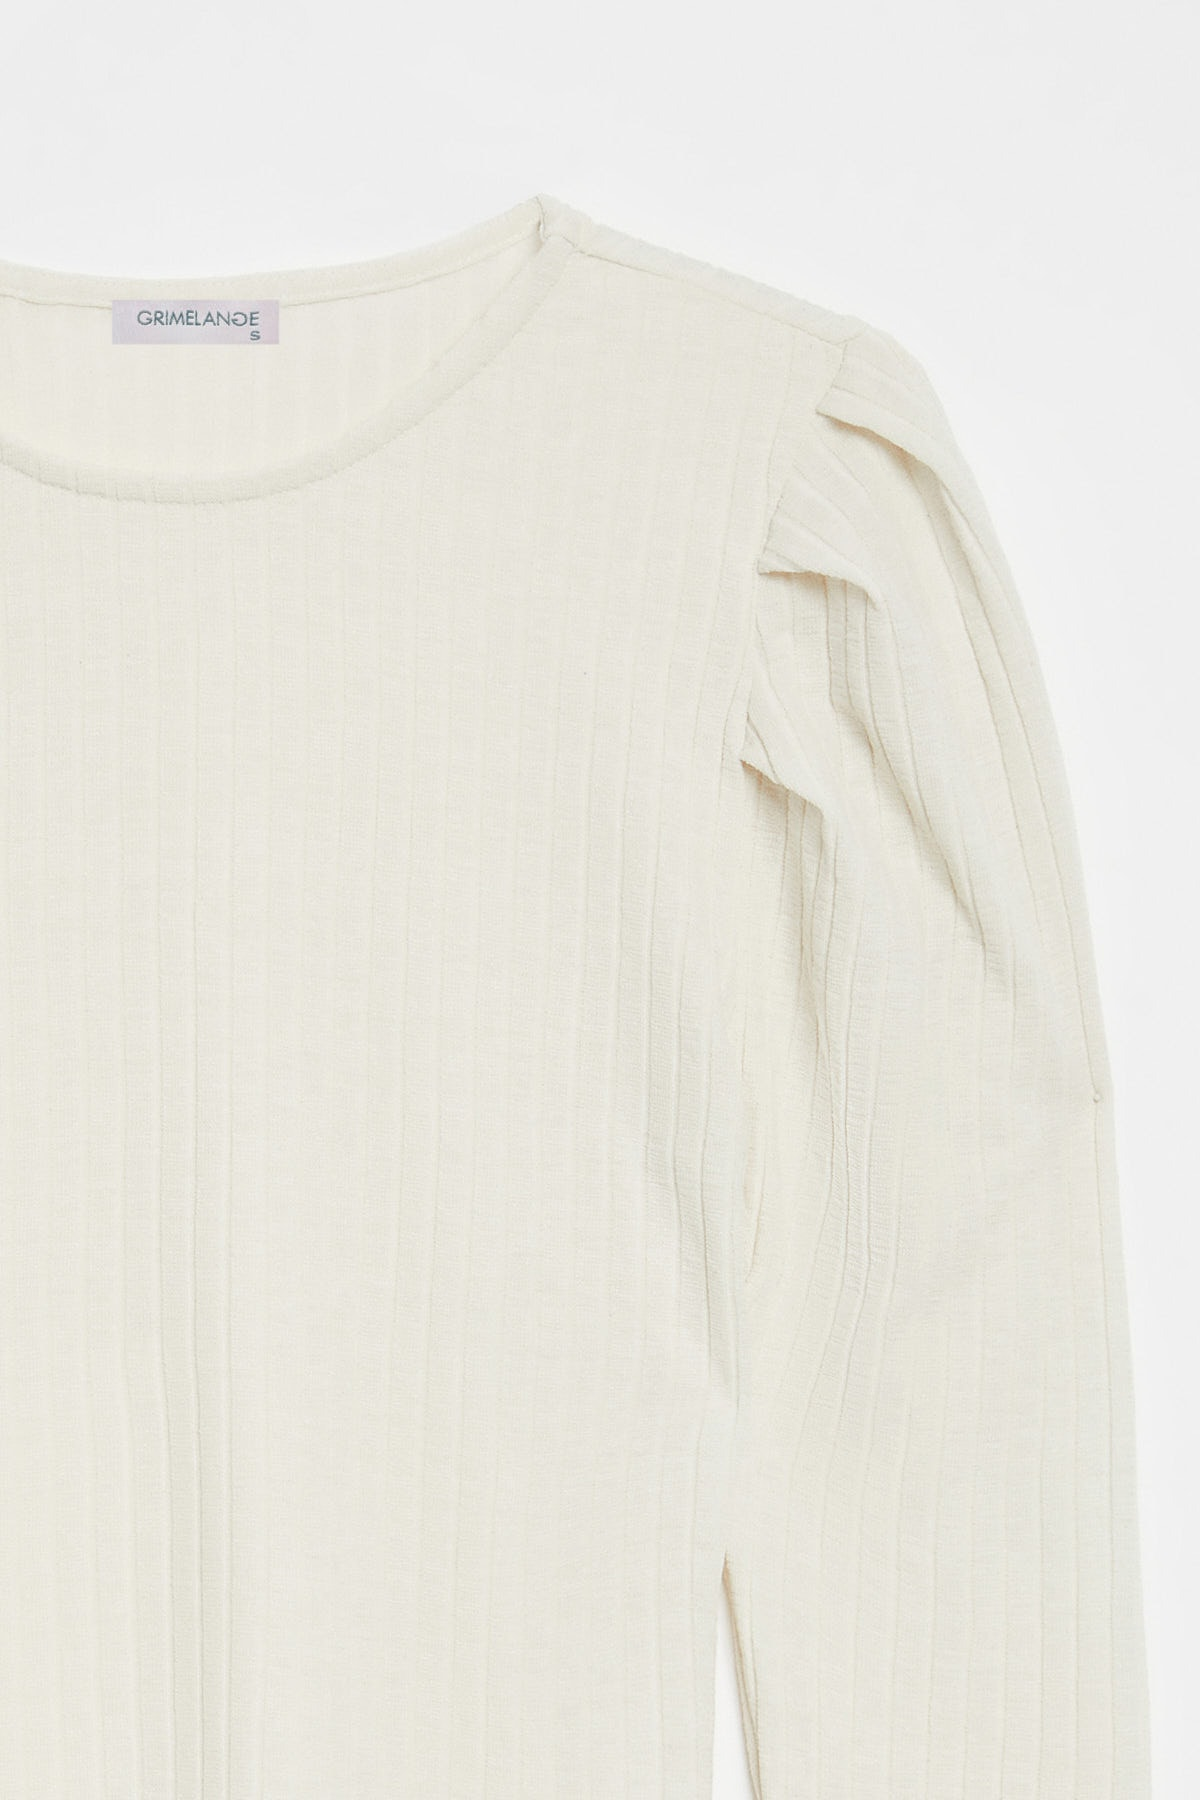 GRIMELANGE KIEV Kadın Beyaz Kolları Pileli Triko Görünümlü Uzun Kollu Bluz 2